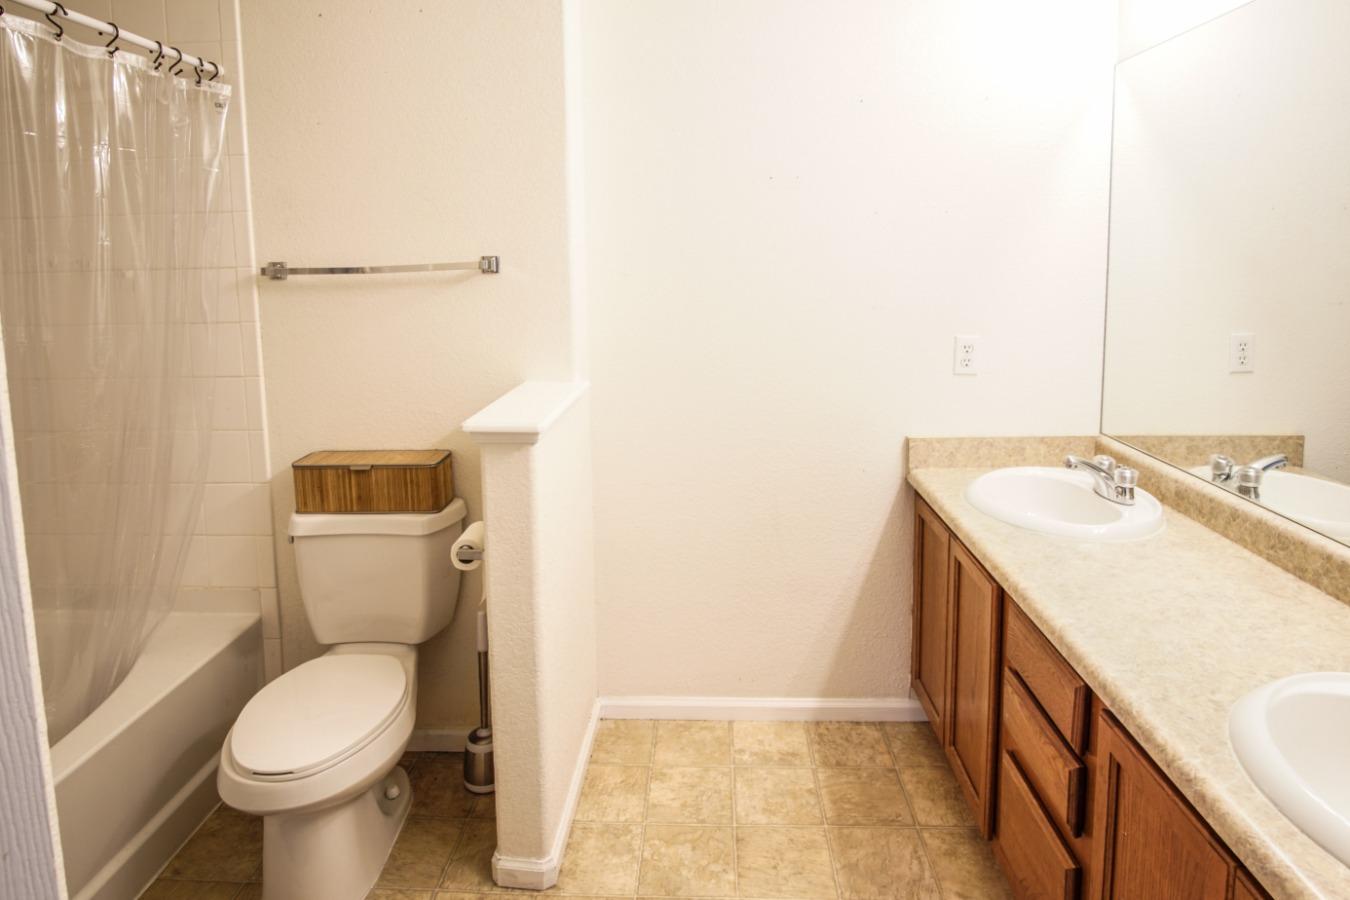 En suite with double sinks